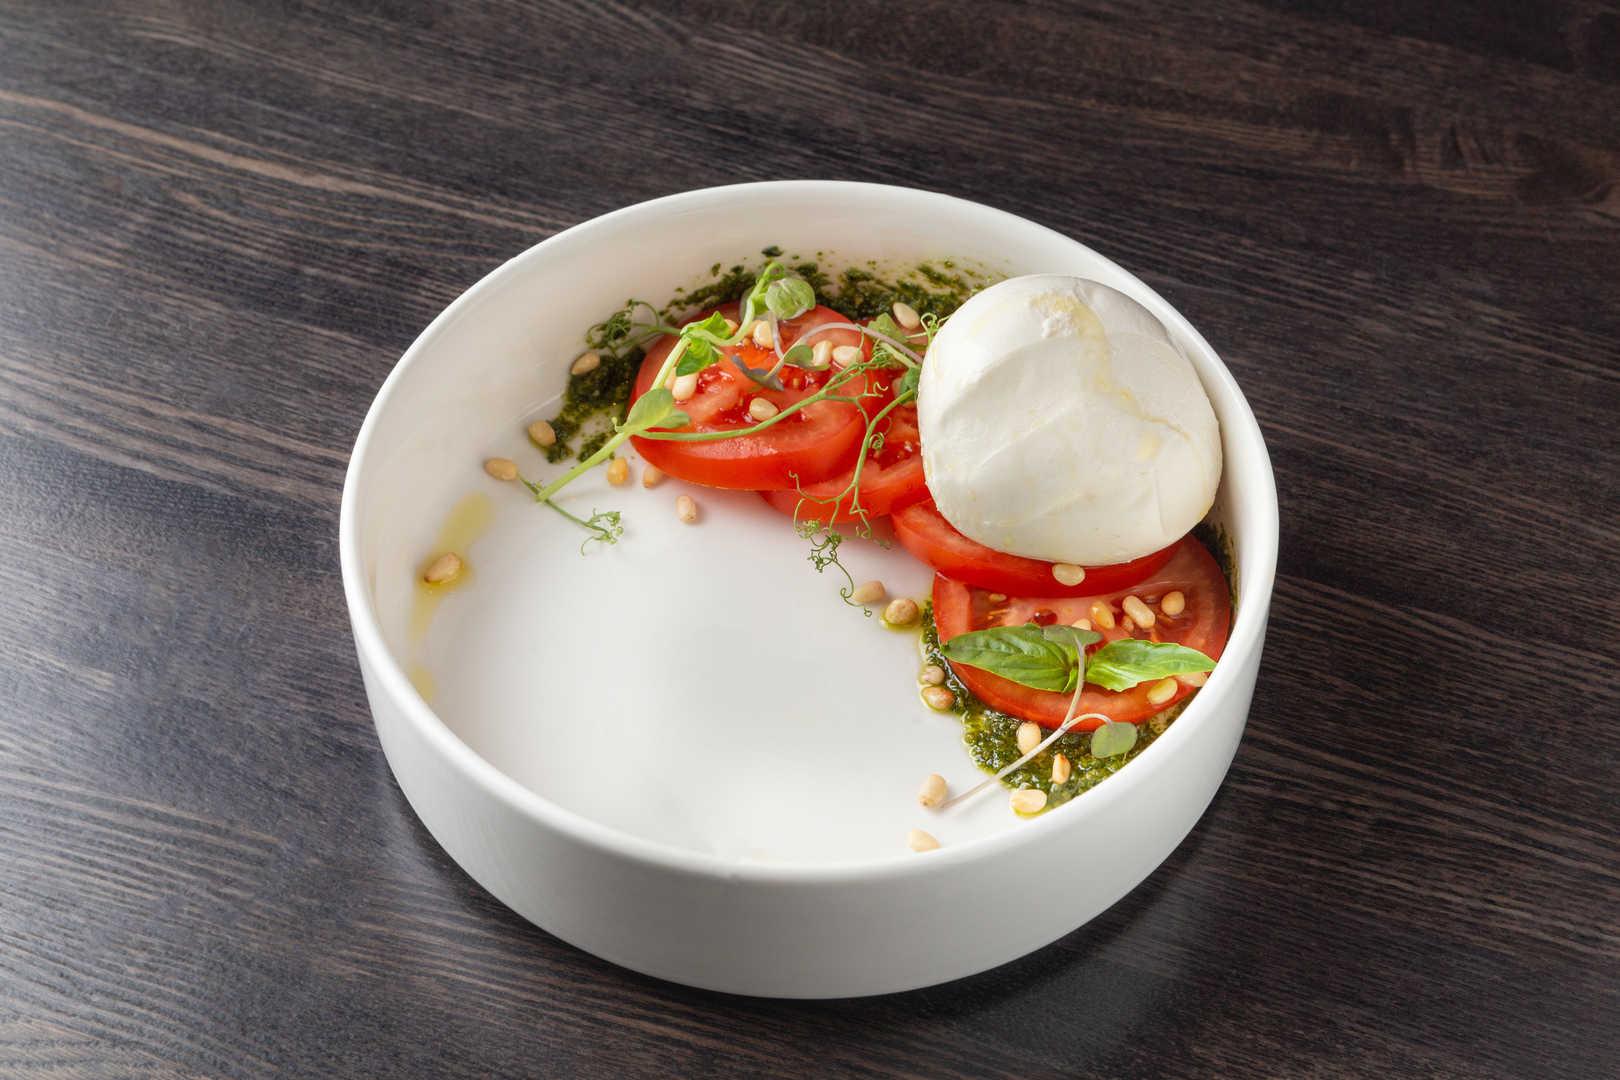 Моцарелла с томатами, бальзамическим соусом, Песто и кедровыми орешками